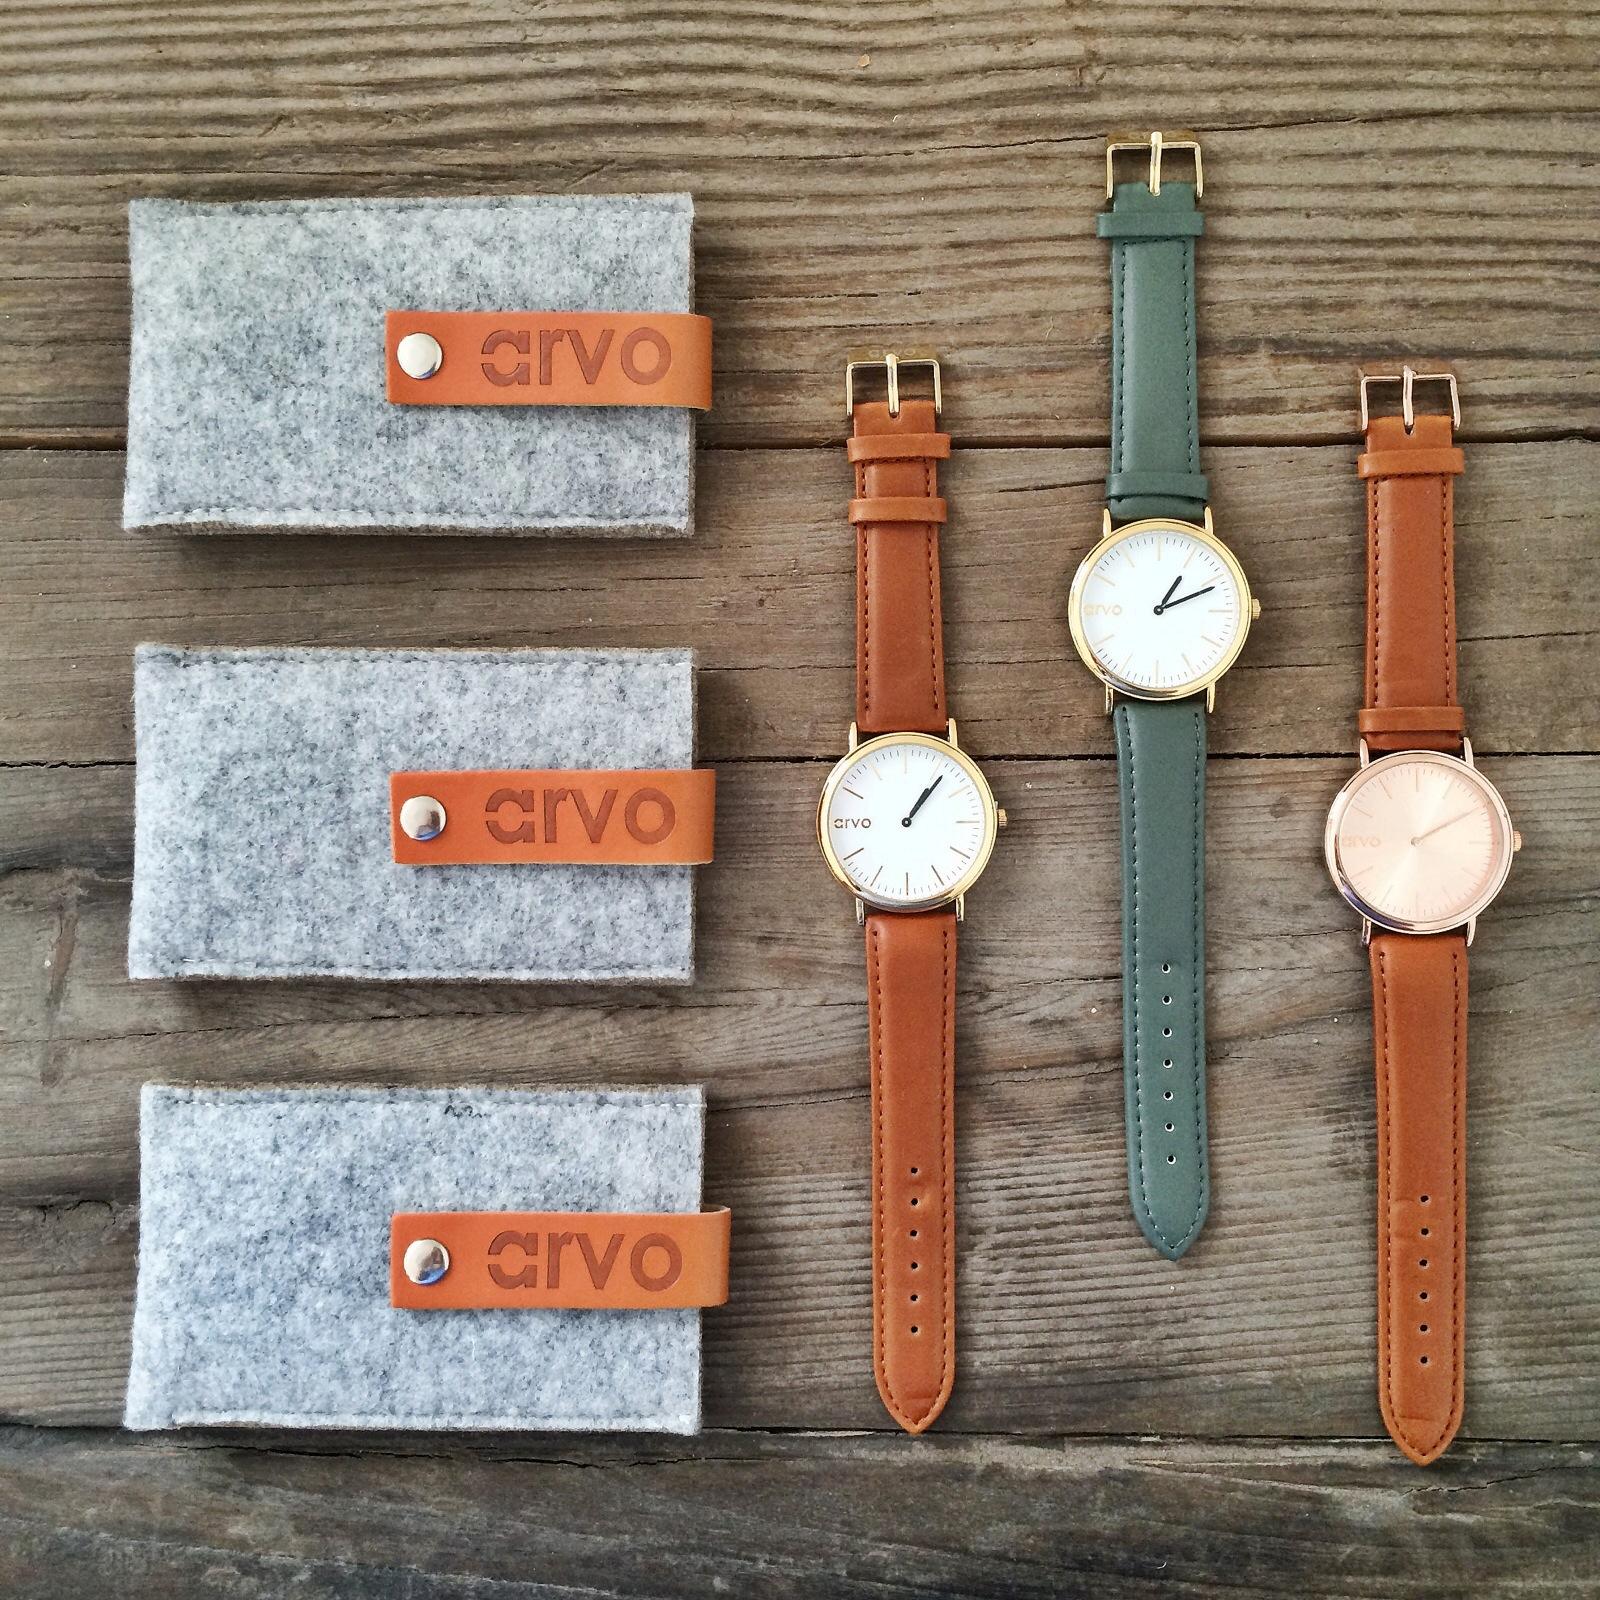 Arvo Wear Watches